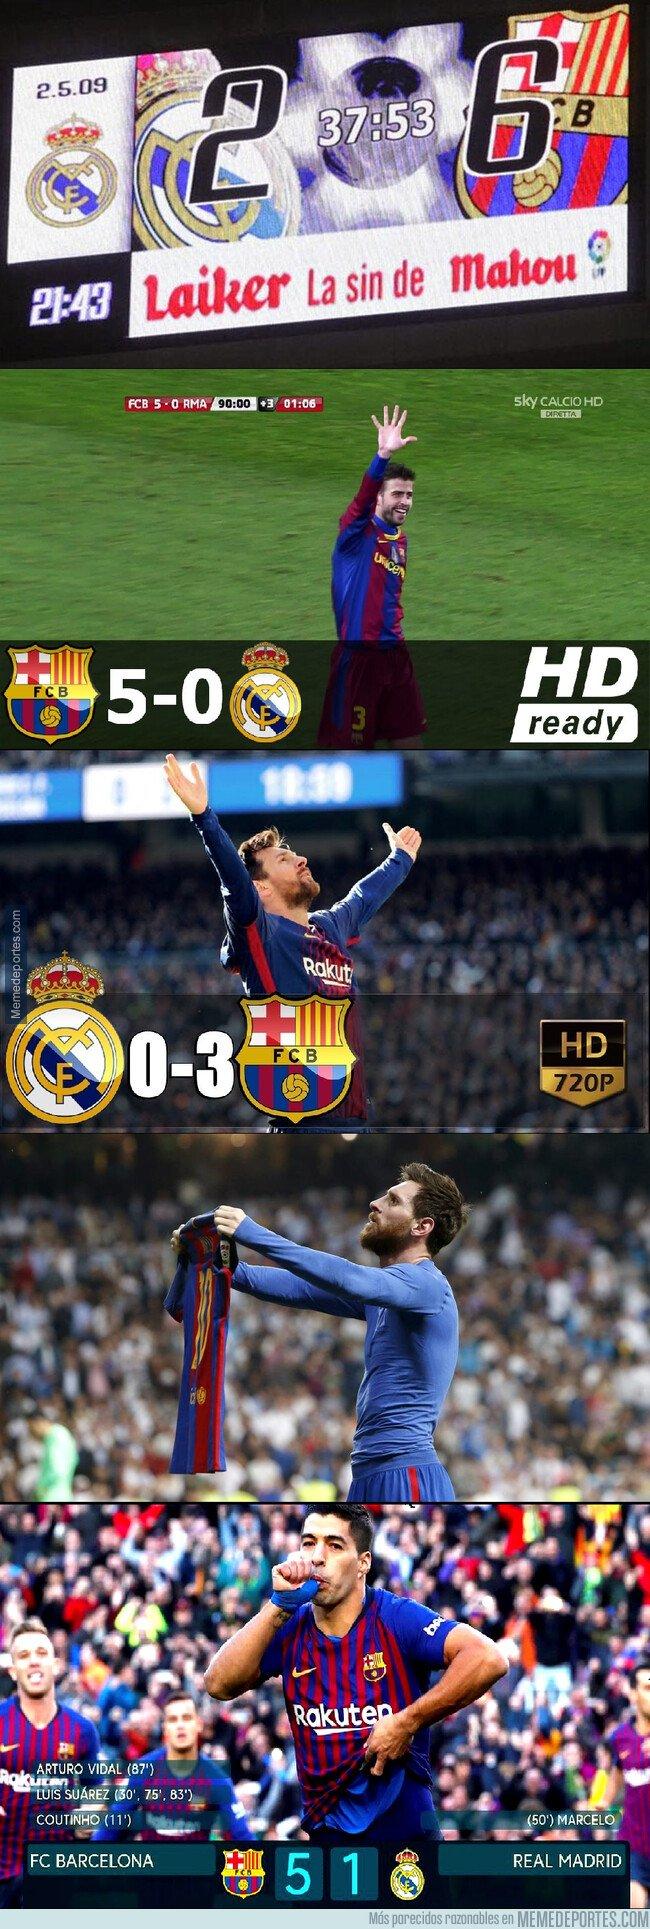 1094860 - Ha sido una época dura para el Madrid, ¿Qué pasará en la próxima?